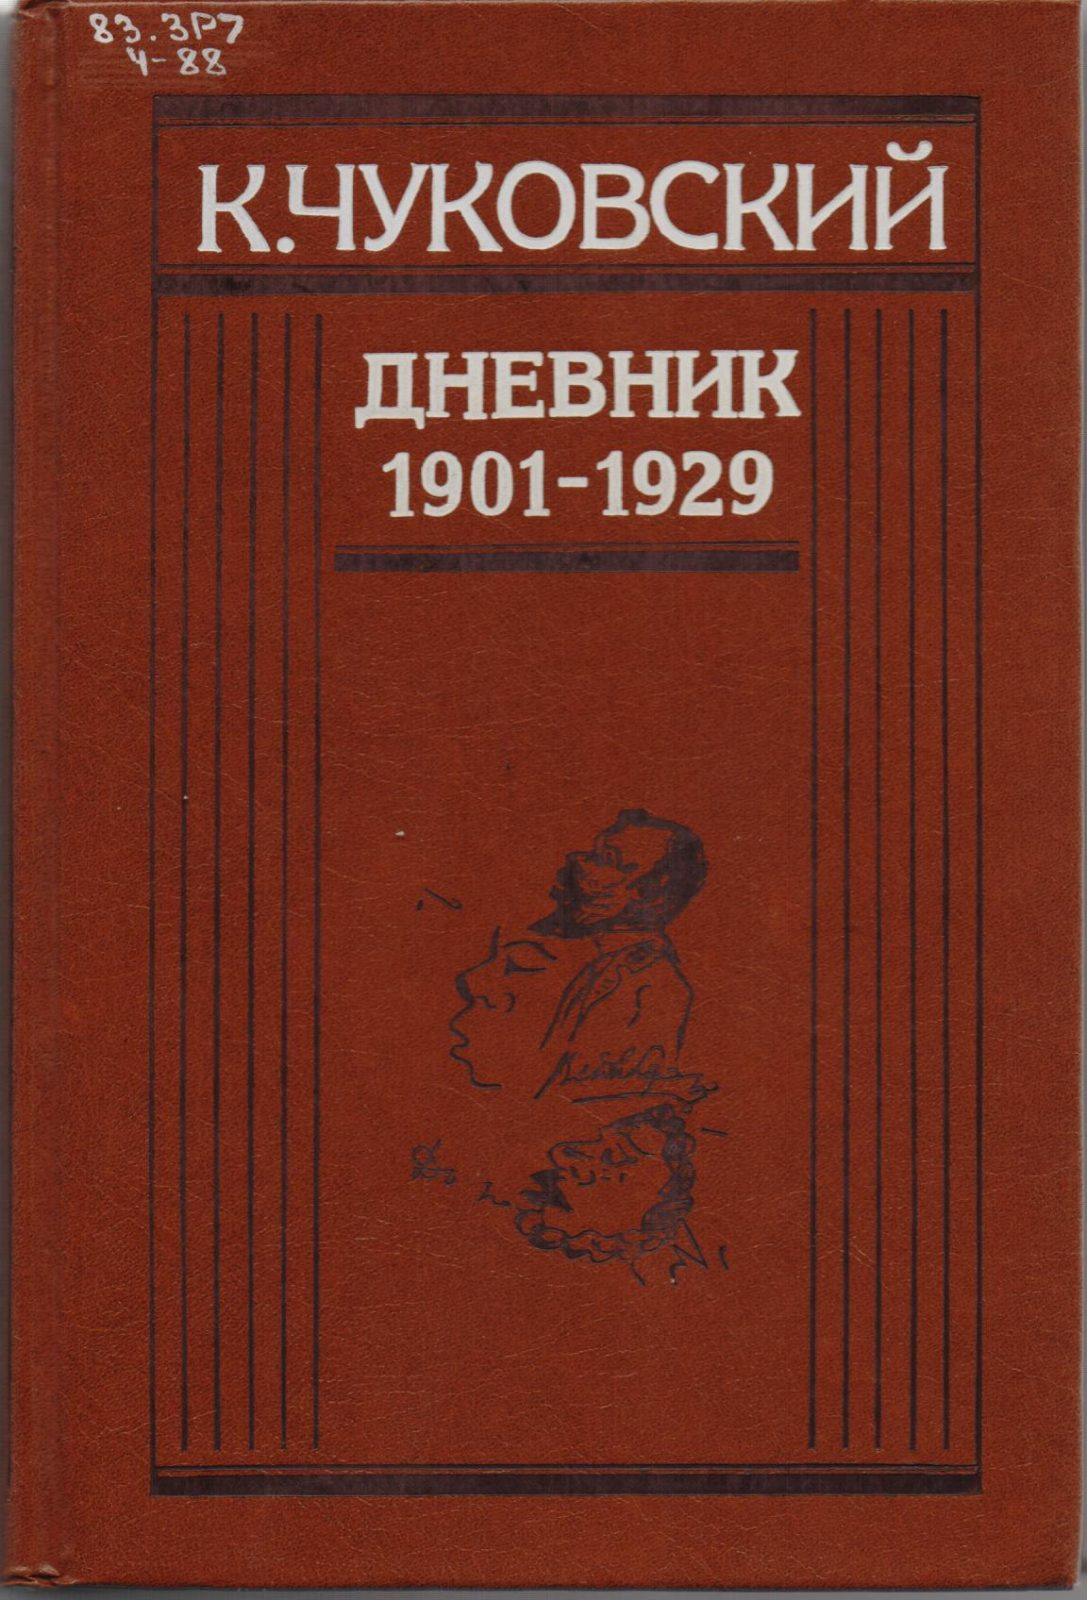 Дневник Чуковского